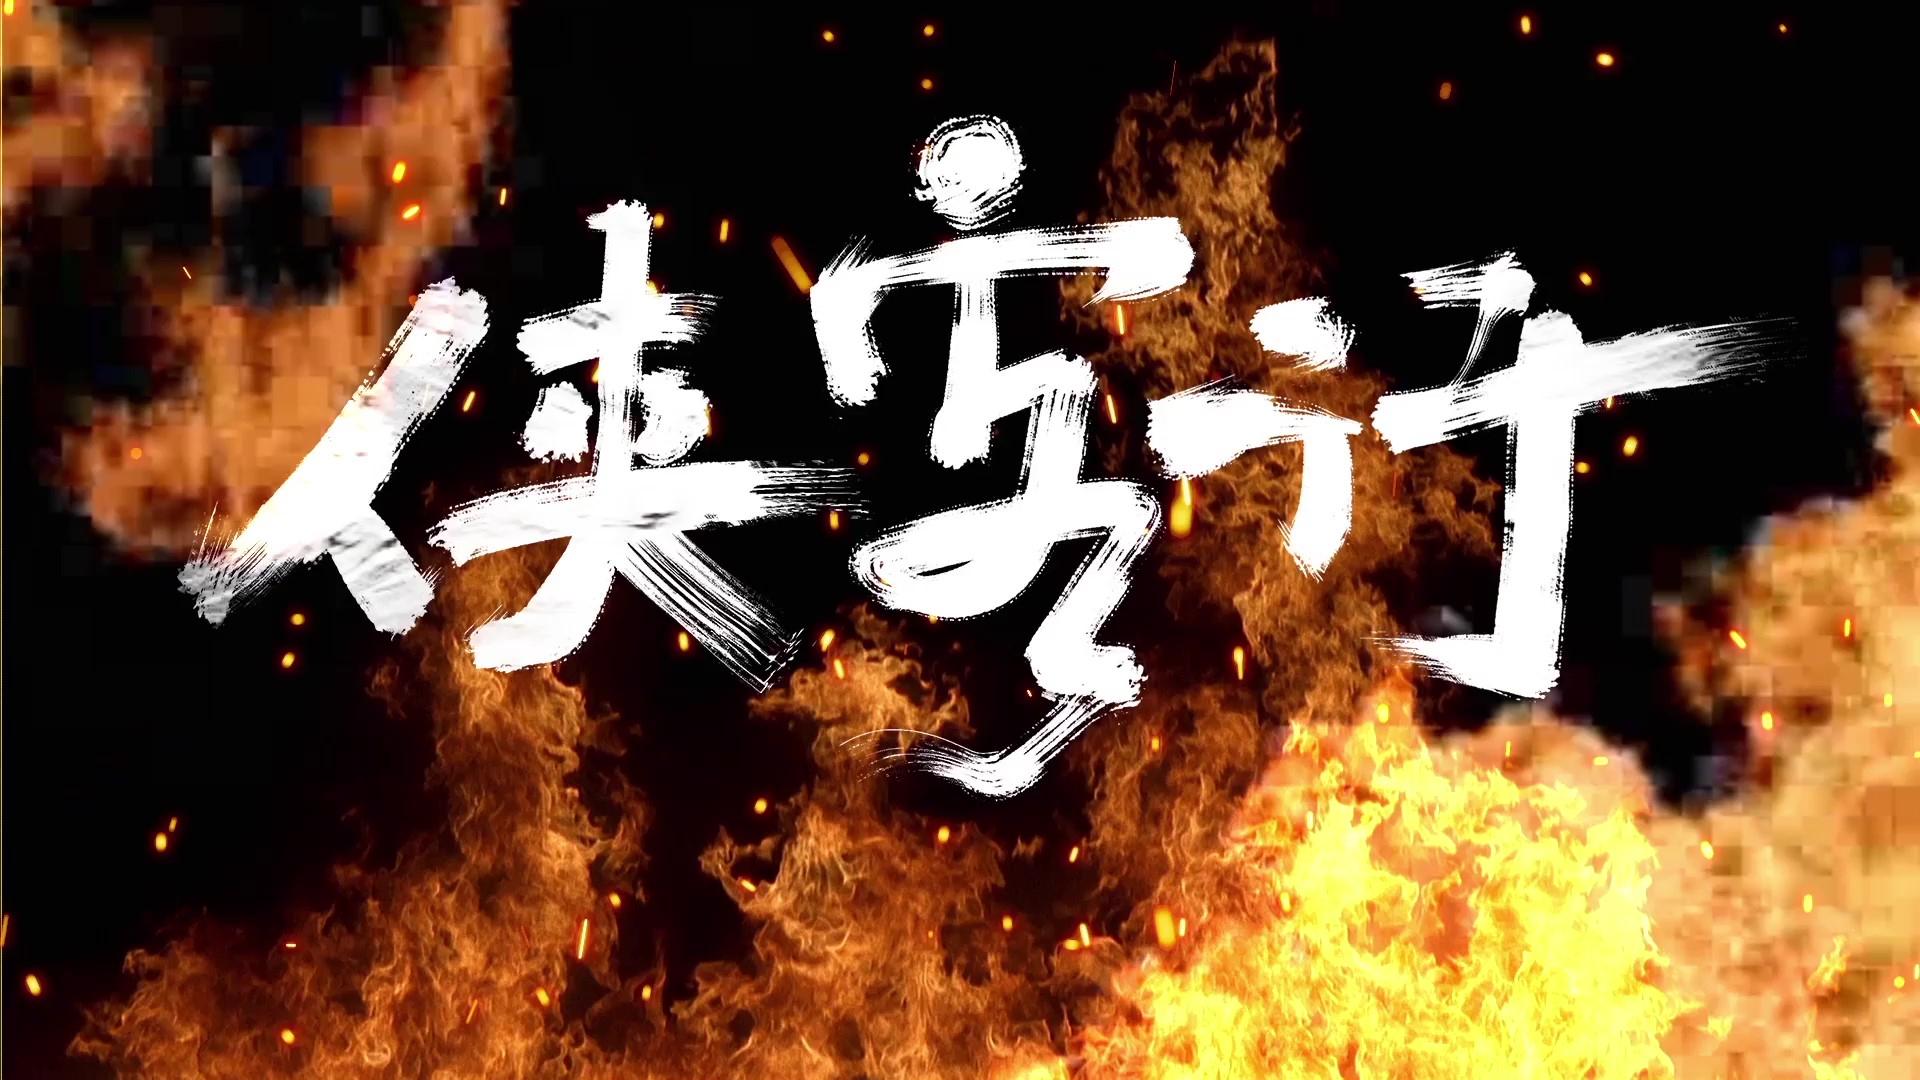 林斜阳/绯村柯北-《侠客行》侠气古风双女声合唱